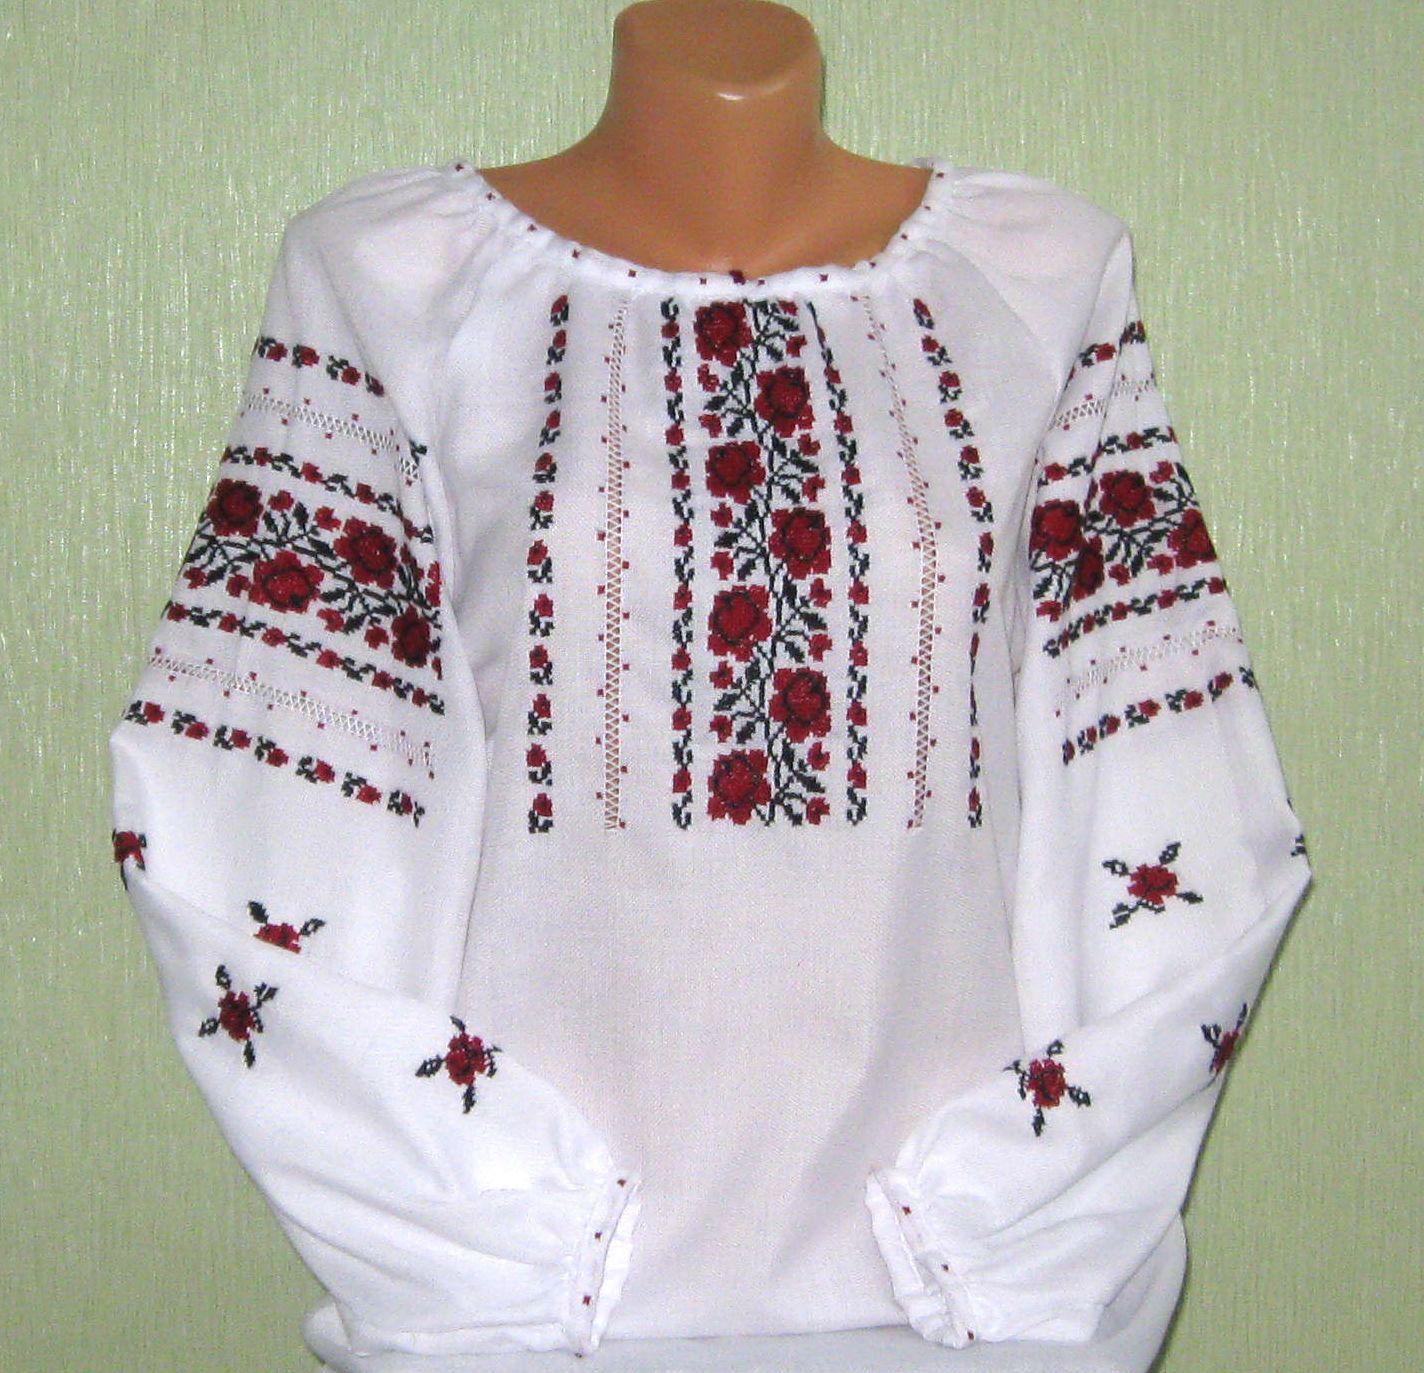 Вышитая рубашка от производителя «Ярина»